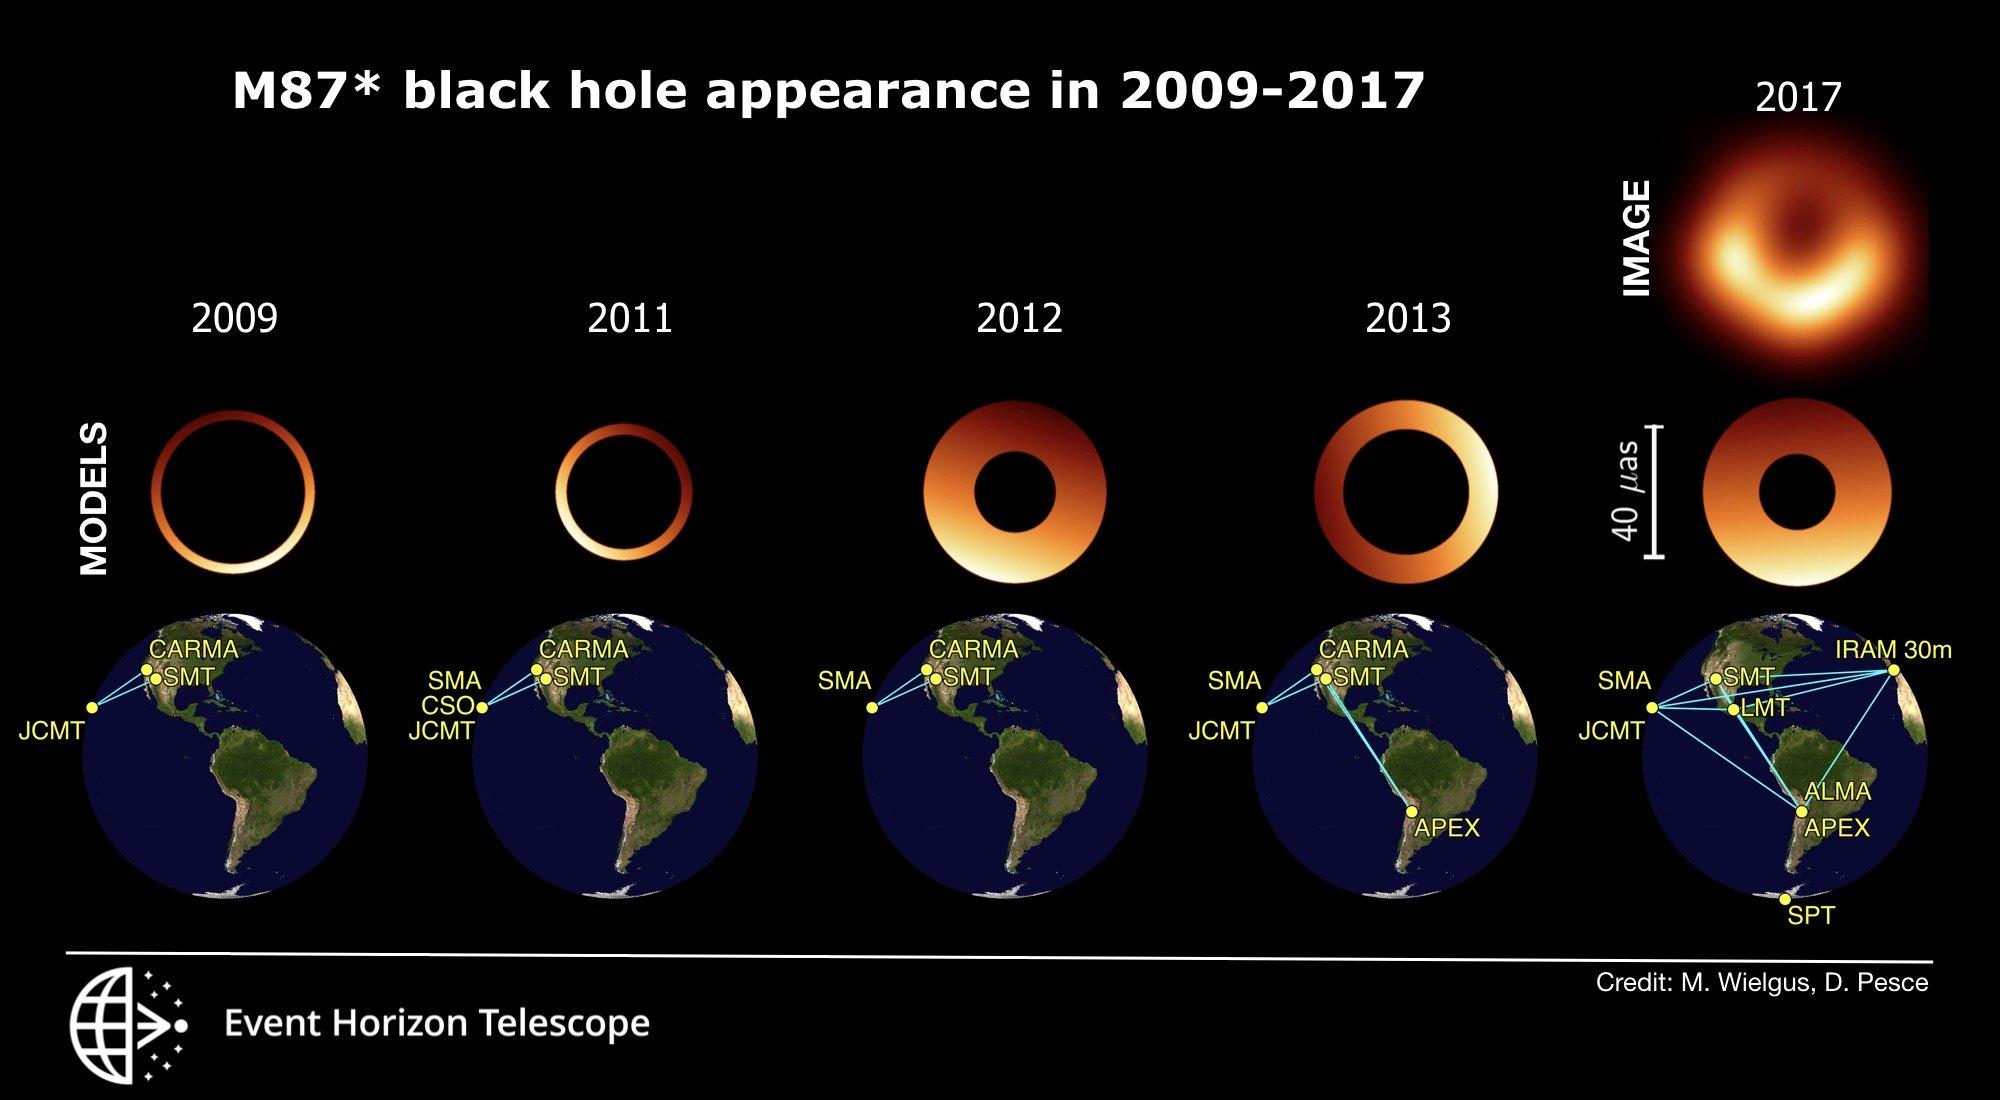 شبیهسازی رصدهای سیاهچالهی کهکشان M87